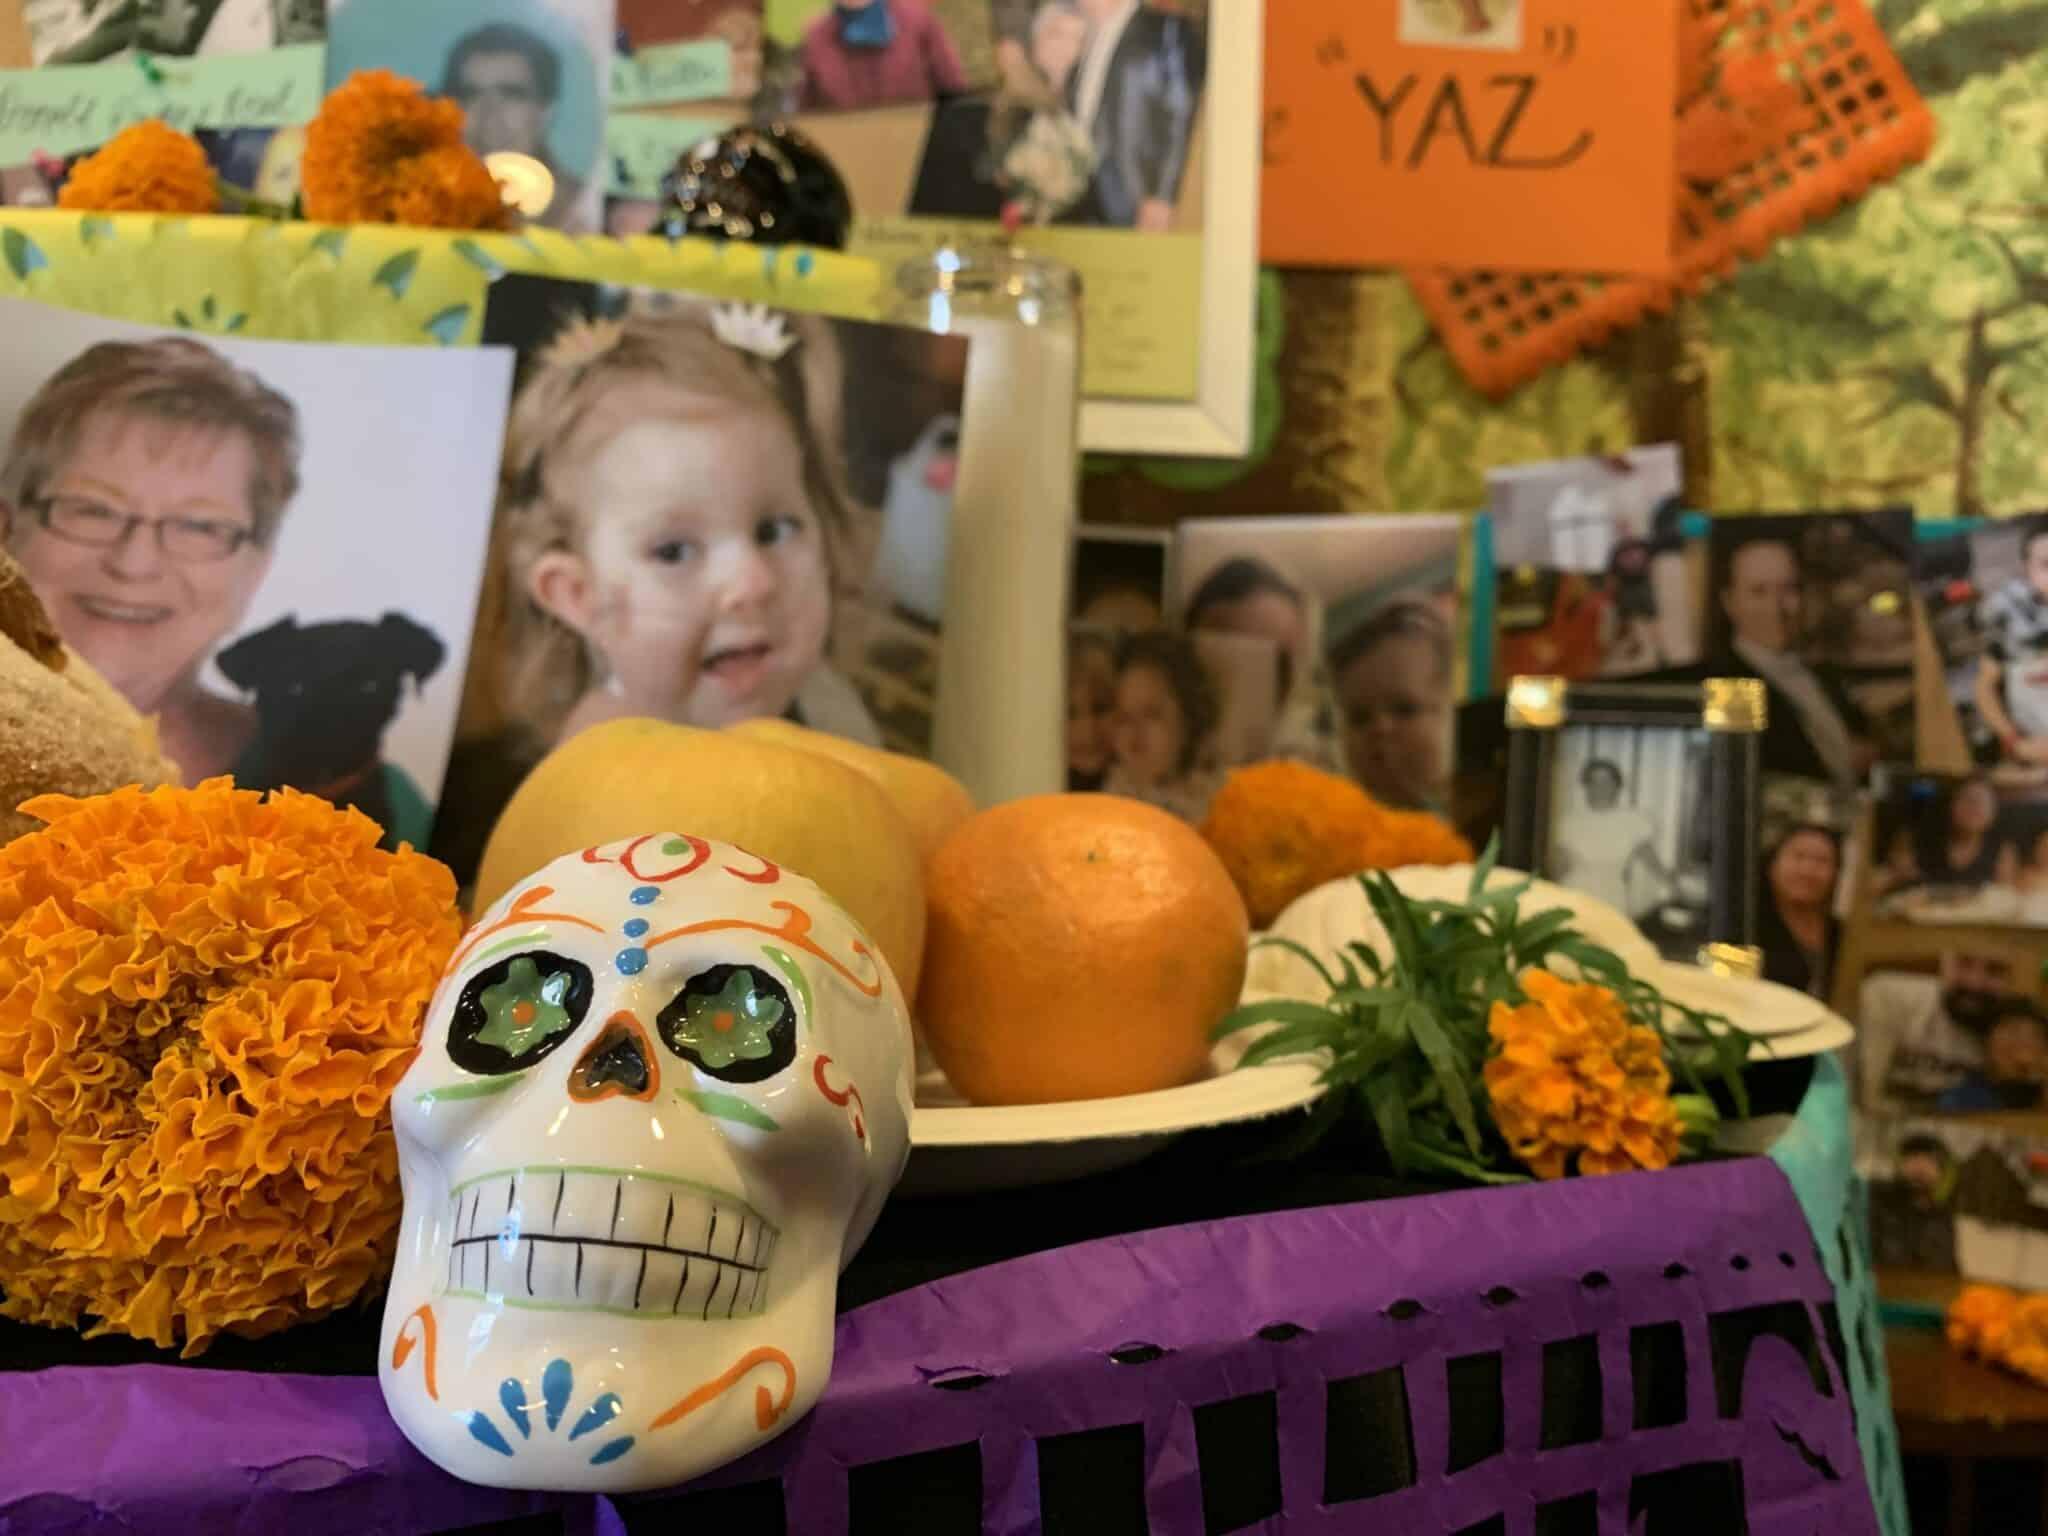 Community Ofrenda: A Día de los Muertos Celebration